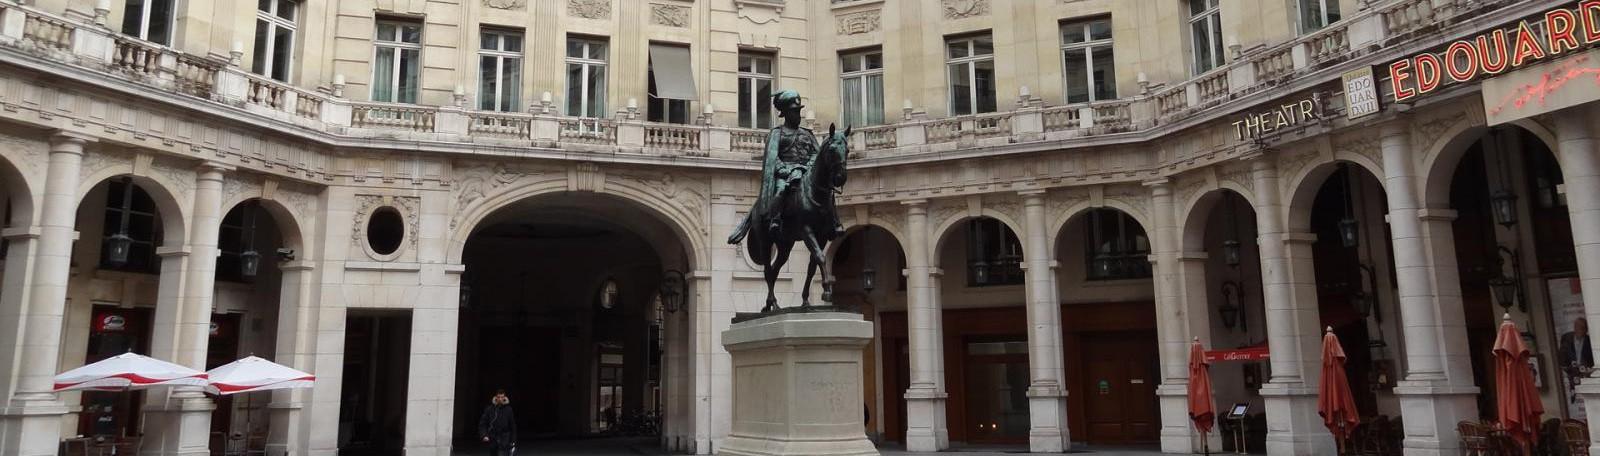 Q-Park Edouard VII - Olympia - Haussmann - Rue Bruno Coquatrix (face au 23 Rue de Caumartin) 75009 Paris